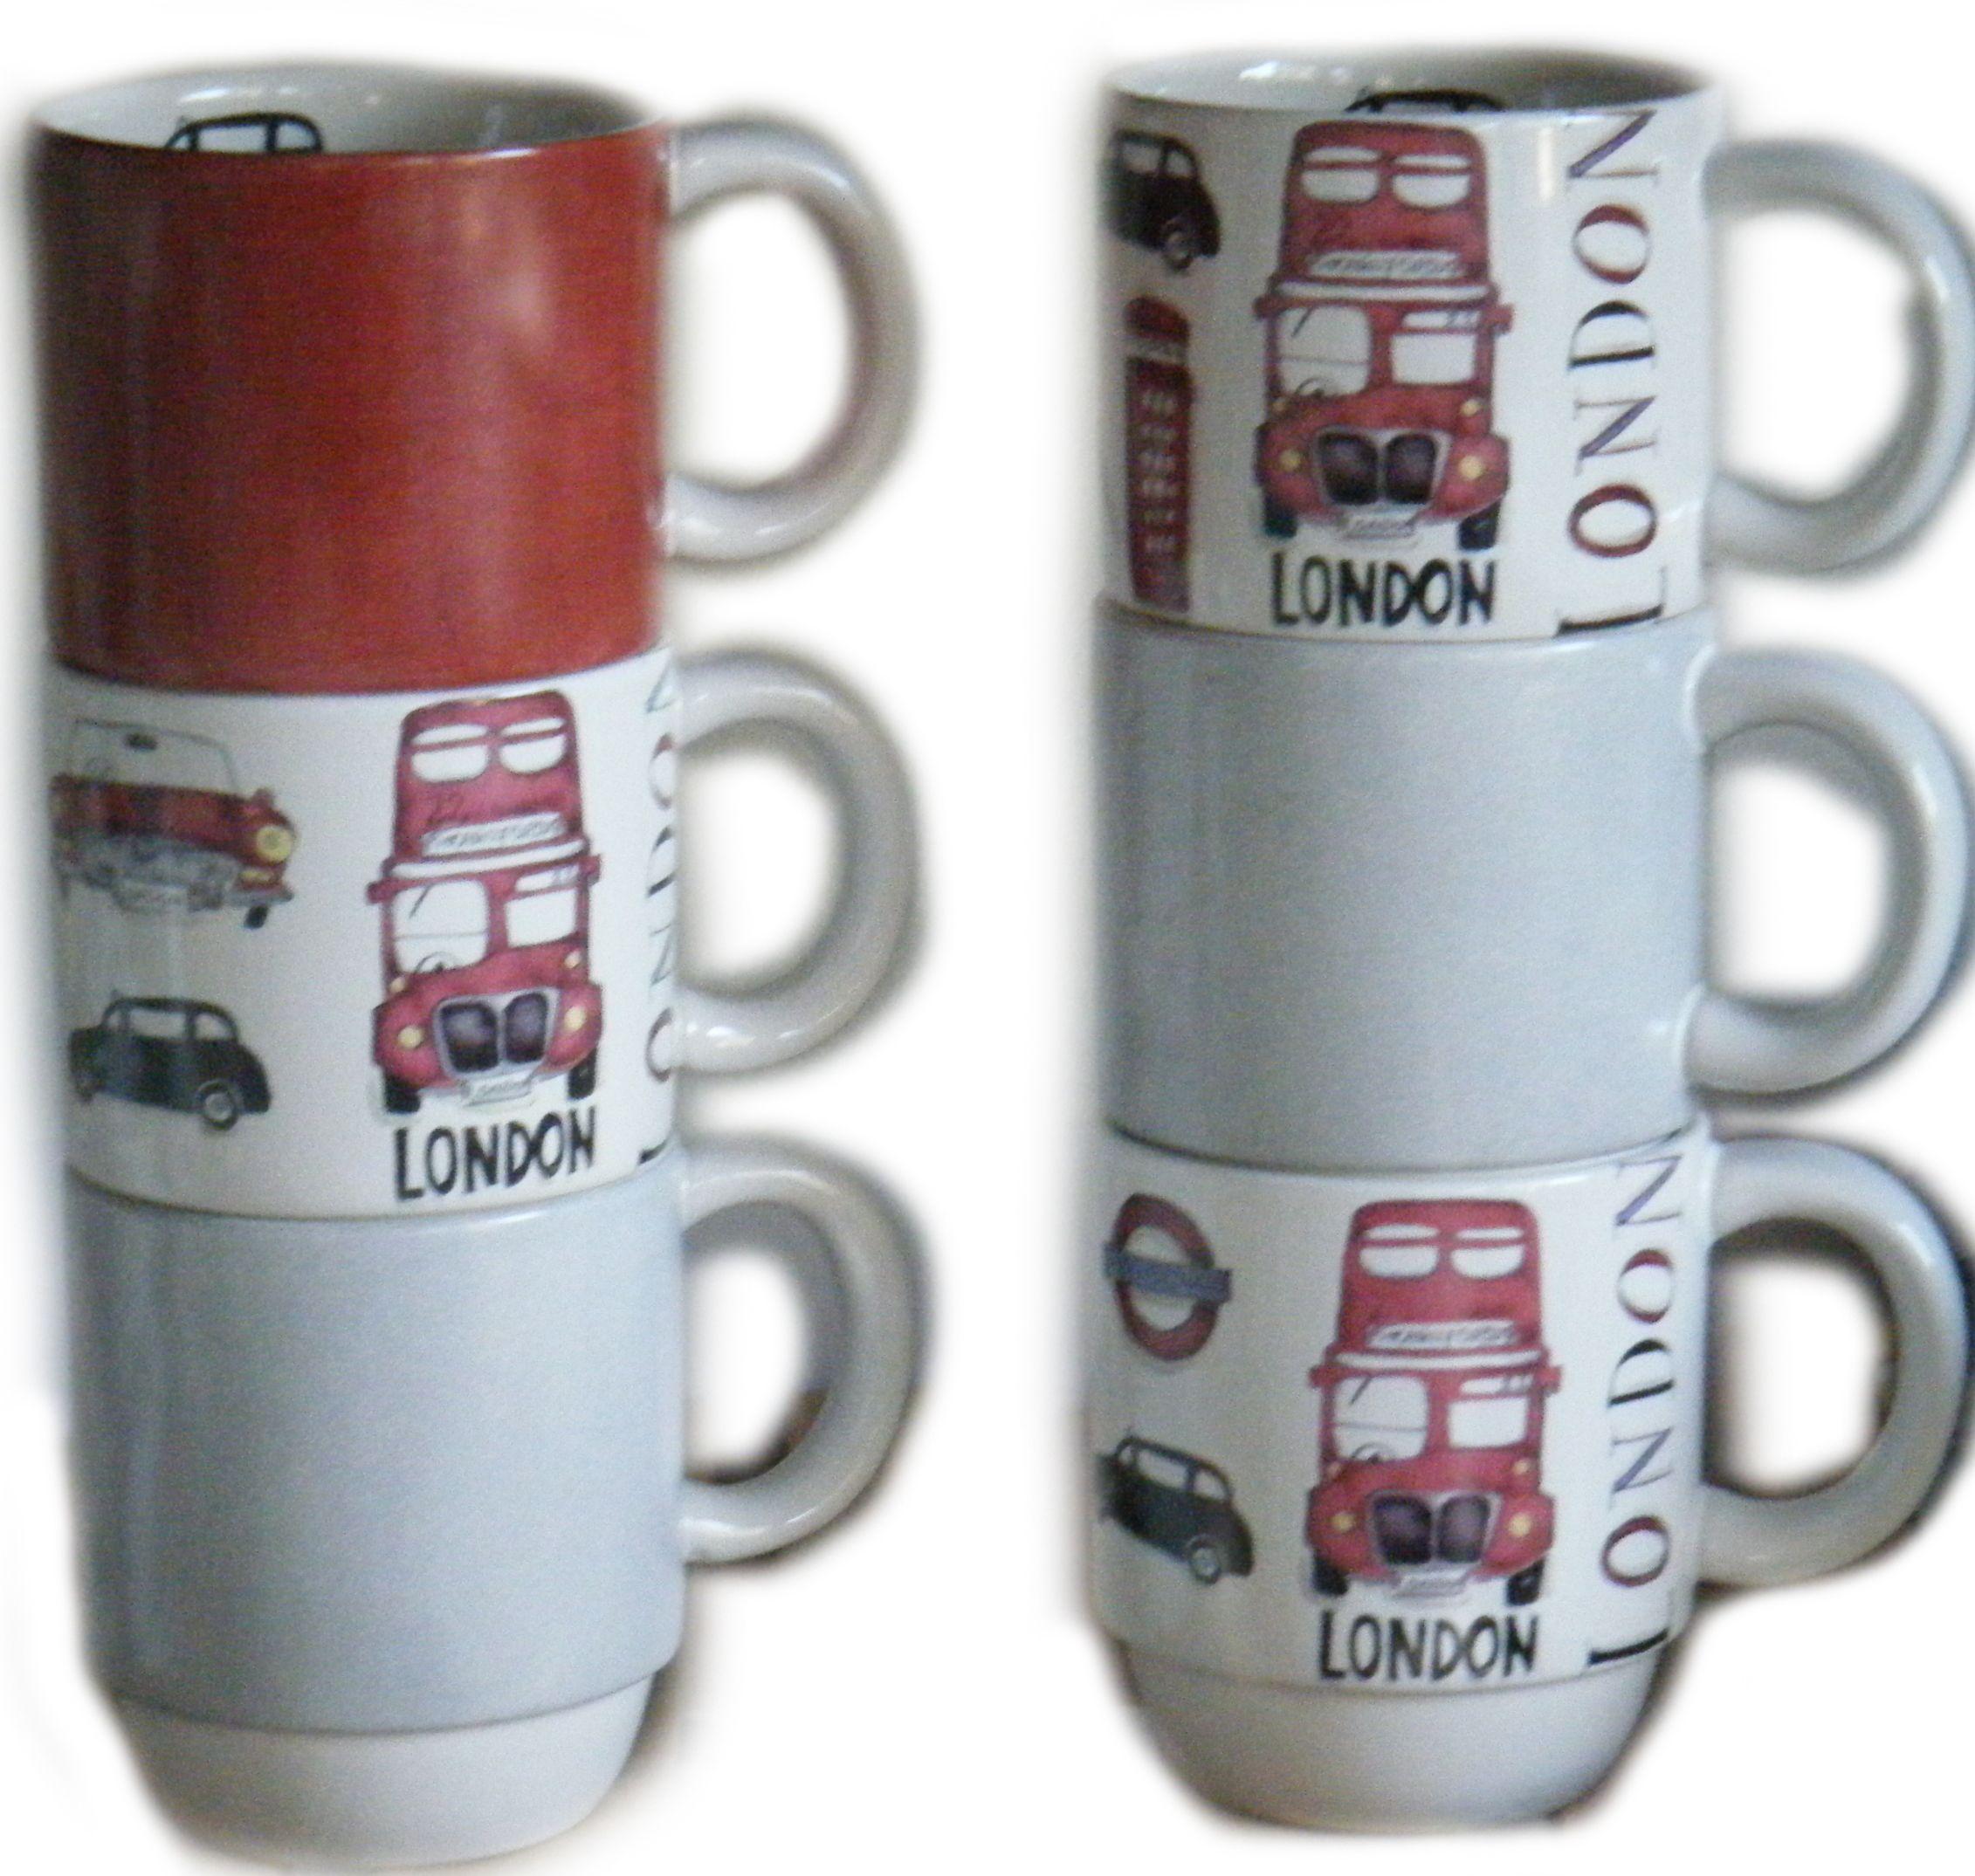 Para tu cocina en tonos grises y rojos..set London #arthomedesigns #arthomemarket #vajilladivertida #vajillapintadaamano #vajilla #lovecolors #lovedesign